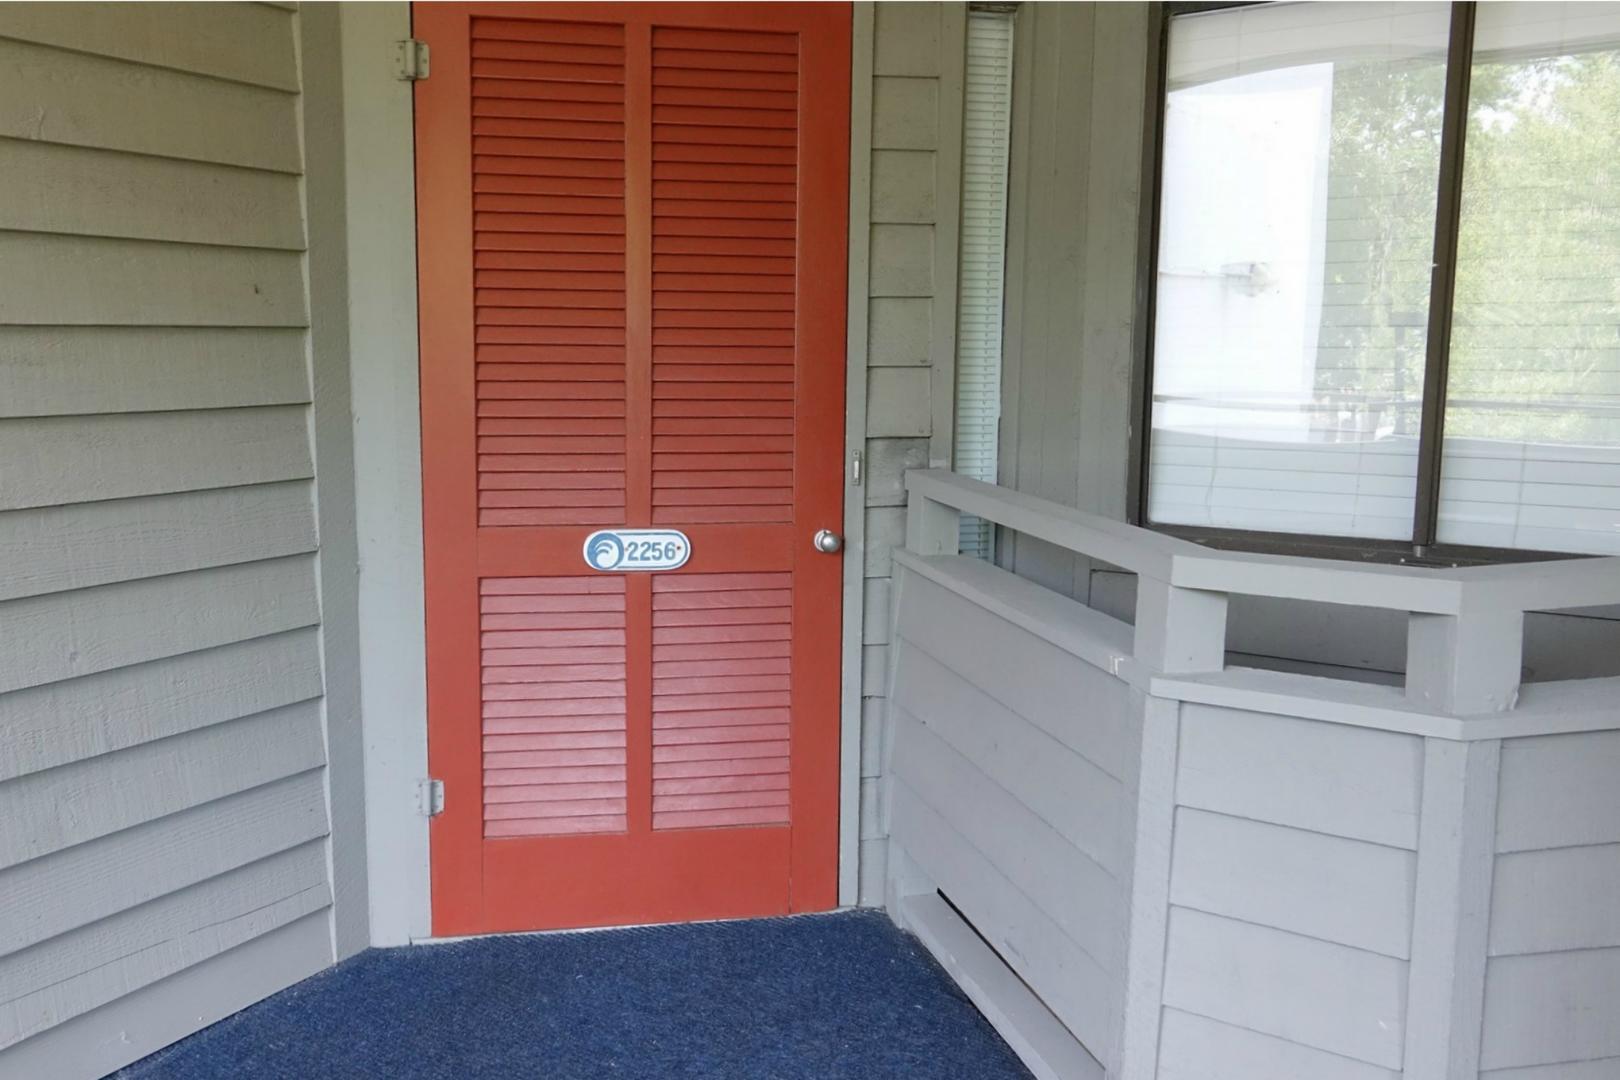 Ocean Creek L2256 - Front Door